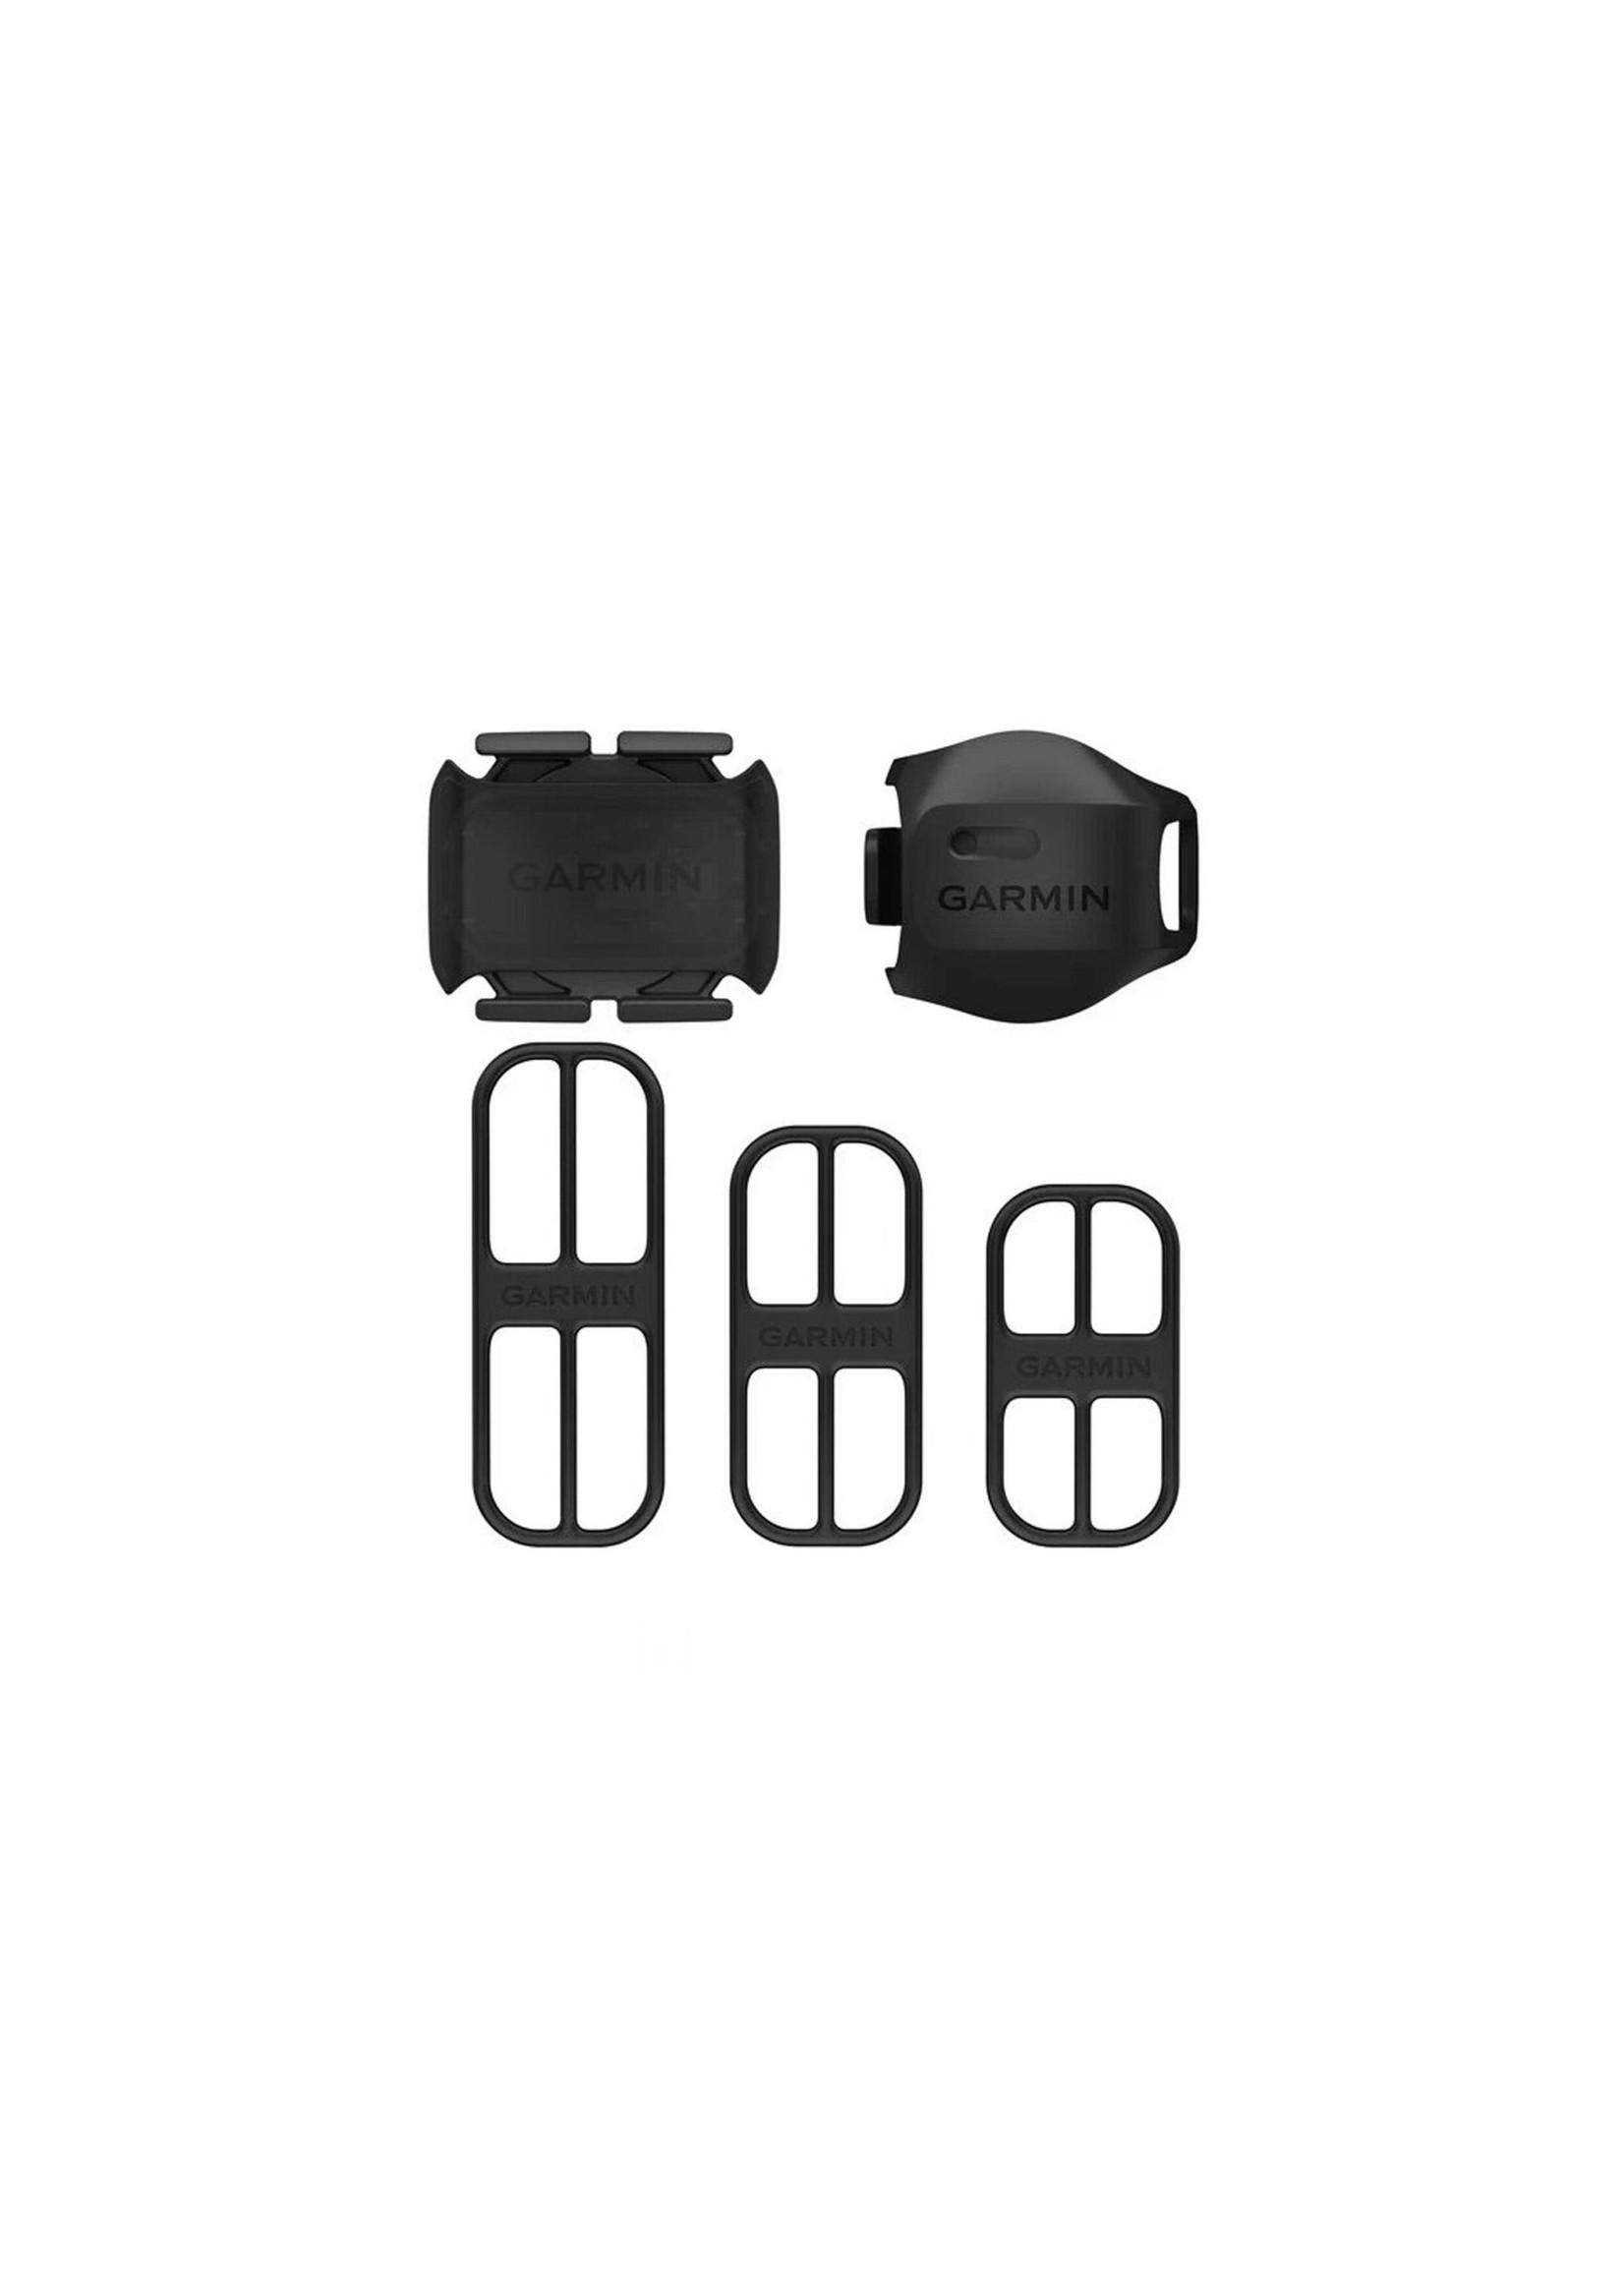 Garmin Garmin- Speed Sensor 2/Cadence Sensor 2